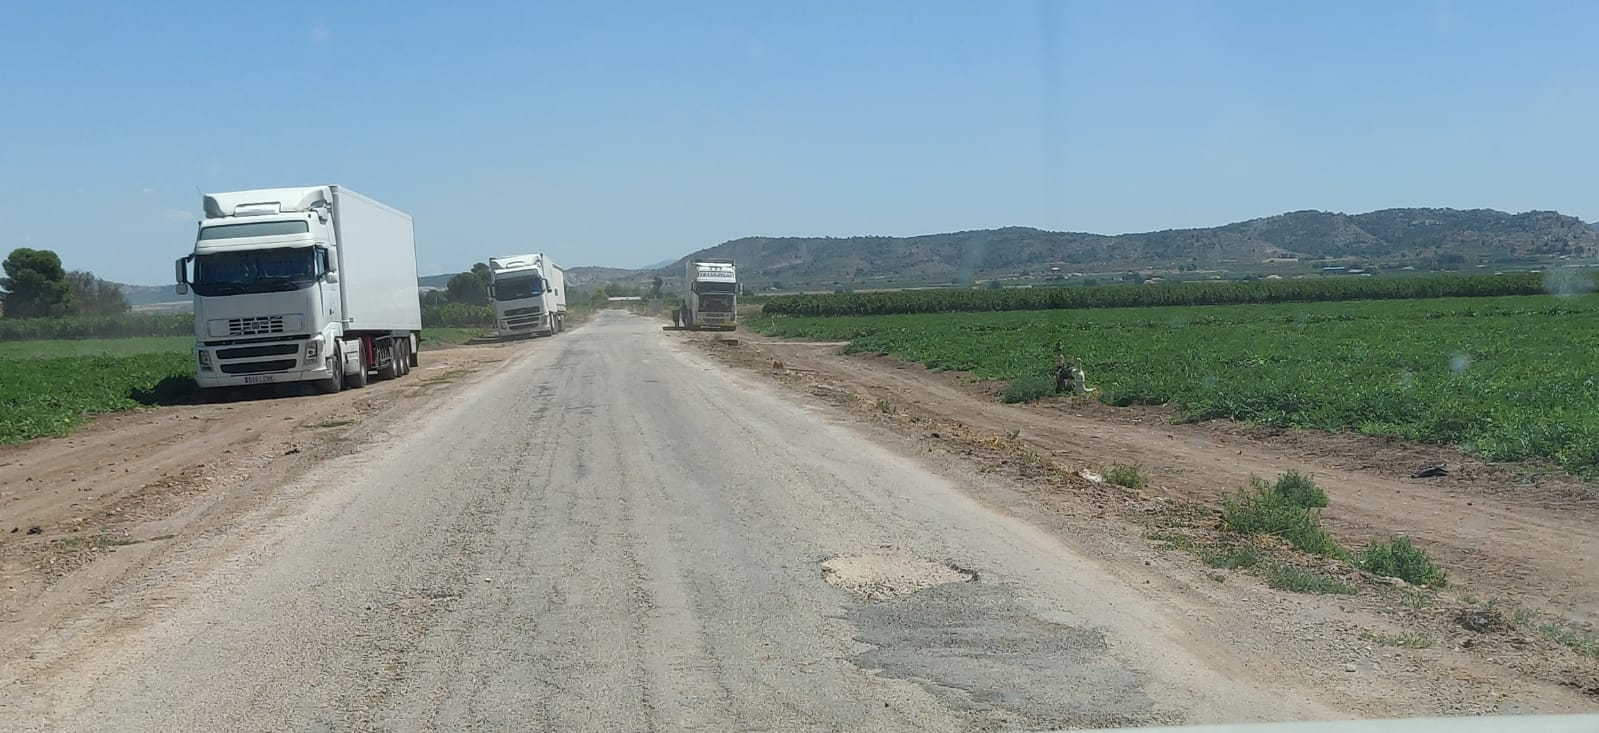 Los vecinos alertan del destrozo de los caminos rurales y de la generación de una gran polvareda por el tránsito continuo de camiones de gran tonelaje. Imagen: Plataforma Ciudadana Salvemos el Arabí y Comarca